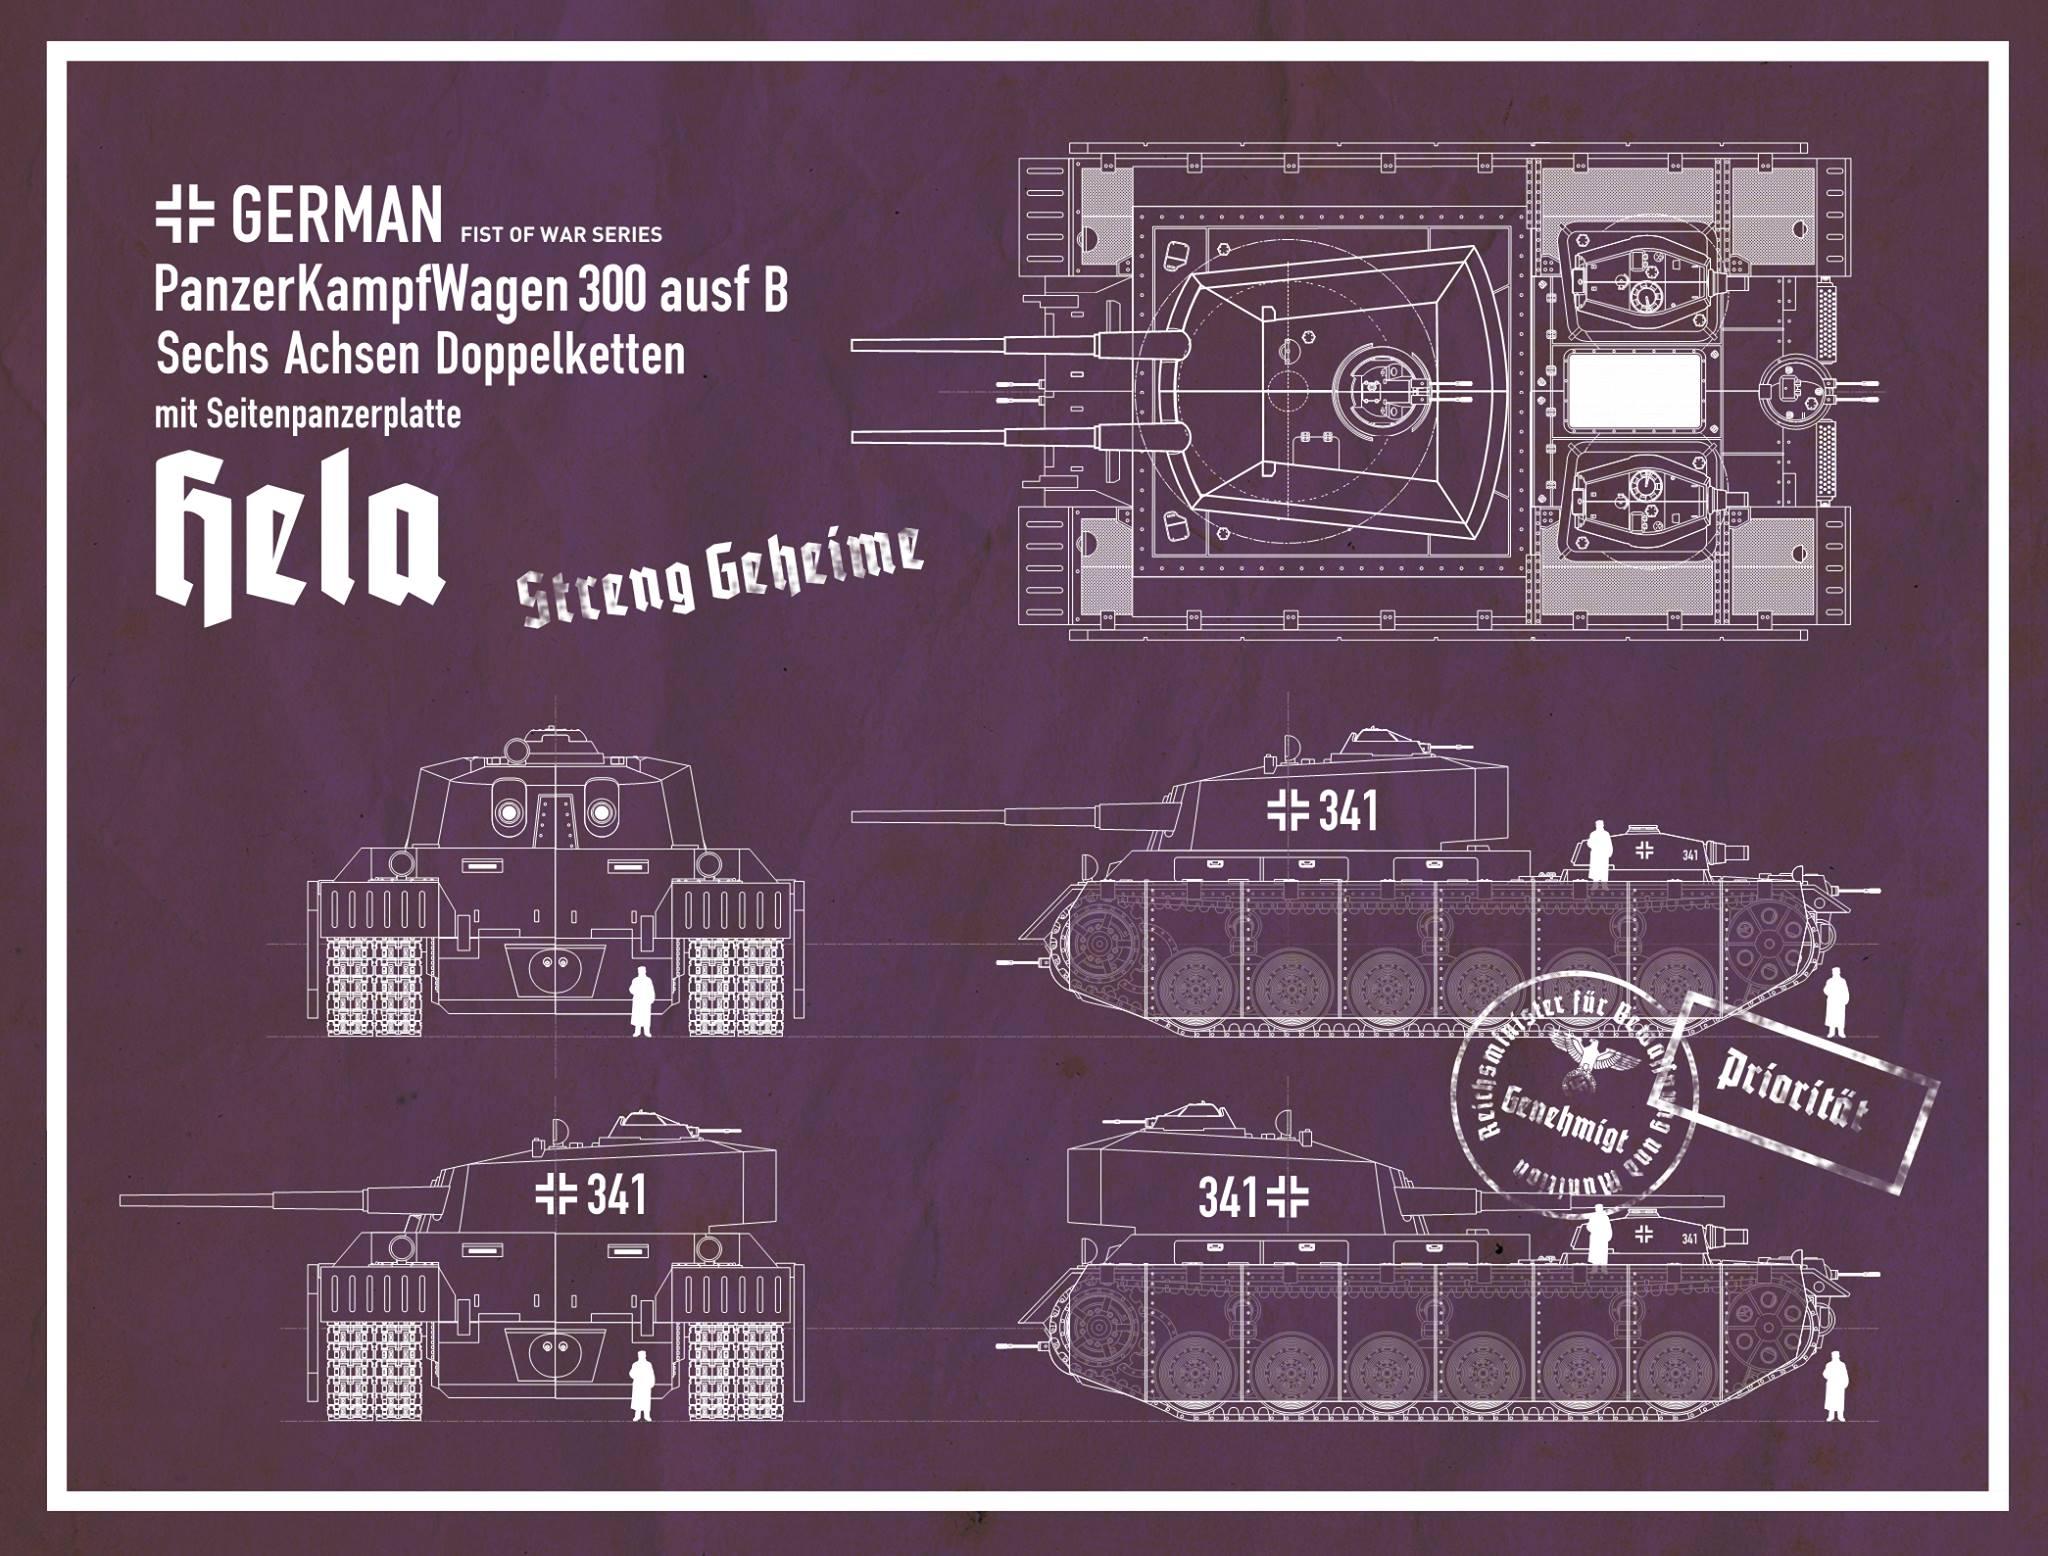 87 Chevy Dual Tank Schematic Schematics Diagram Diagrams 2004 Silverado Radio Wiring